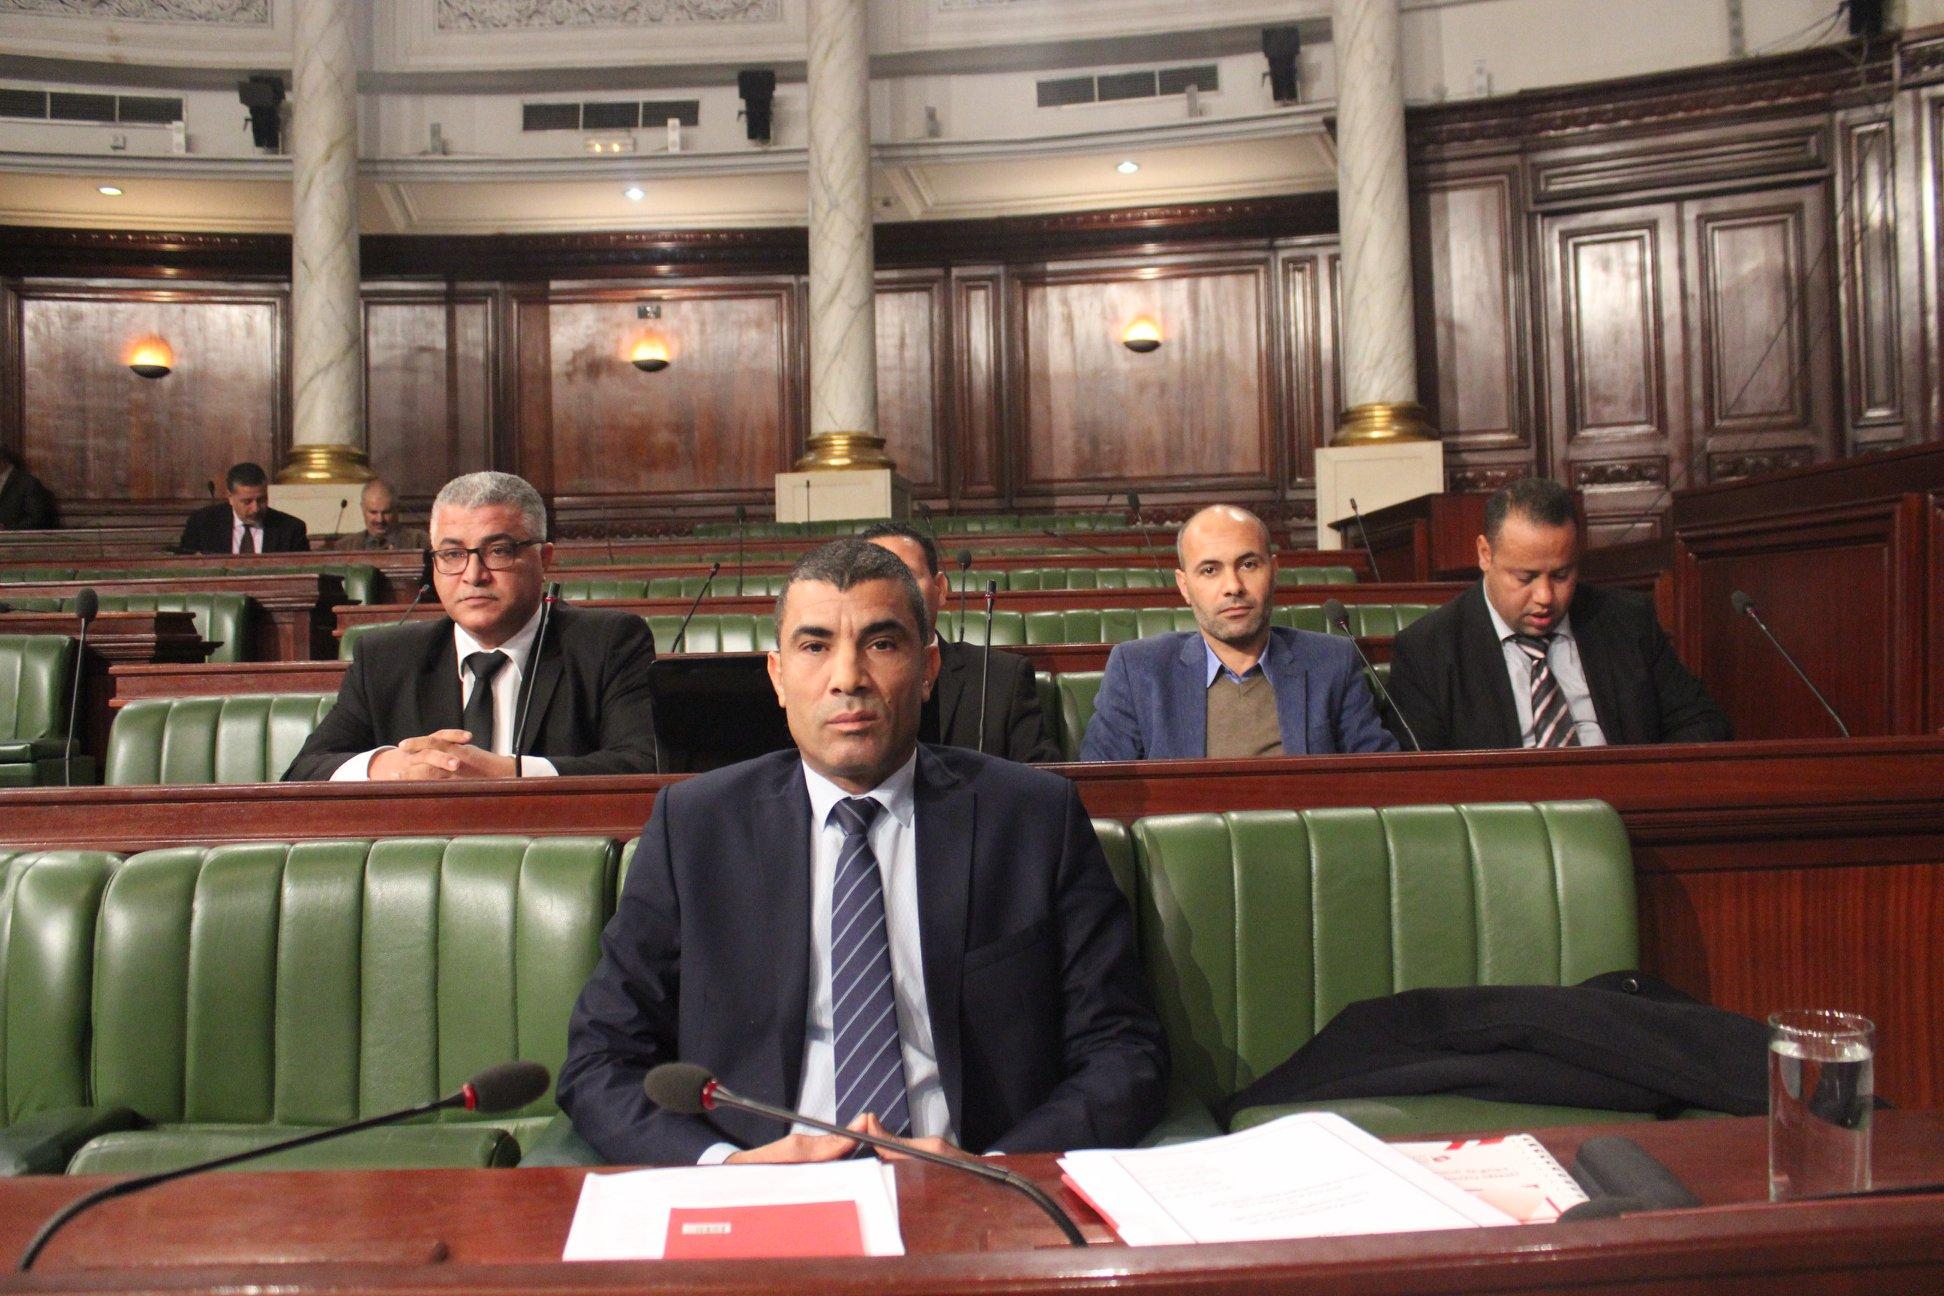 رئيس هيئة الانتخابات المستقيل: 60 ألف عون متأهّبون لإنجاح الانتخابات المقبلة